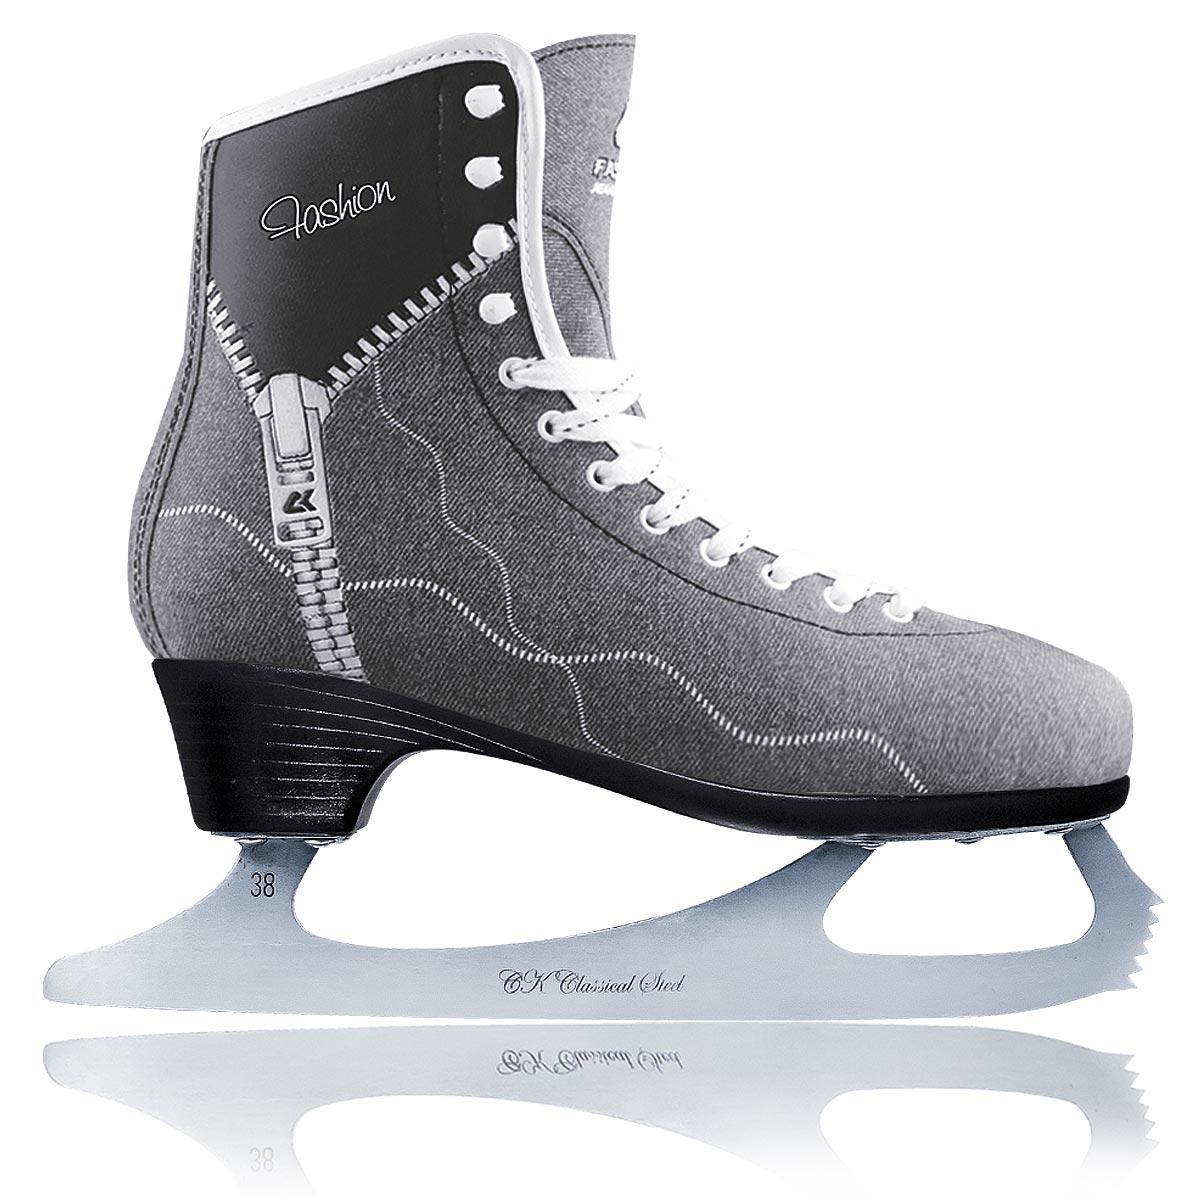 Коньки фигурные для девочки CK Fashion Lux Jeans, цвет: серый. Размер 33FASHION LUX jeans_серый_33Фигурные коньки от CK Fashion Lux Jeans идеально подойдут для любительского катания. Модель с высокой, плотной колодкой и усиленным задником, обеспечивающим боковую поддержку ноги, выполнена из синтетического материала на виниловой основе. Внутренняя поверхность отделана искусственным мехом. Анатомический язычок из войлока идеально облегает стопу и повышает комфорт. Стелька из упругого пенного полимерного материала EVA предназначена для быстрой адаптации ботинка к индивидуальным формам ноги и ее комфортного положения. Ботинок обеспечивает комфорт и устойчивость ноги, правильное распределение нагрузки, сильно снижает травмоопасность. Ботинок полностью обволакивает ногу, обеспечивает прочную и удобную фиксацию ноги, а также повышенную защиту от ударов. Модель фиксируется на ноге классической шнуровкой. Лезвие выполнено из нержавеющей стали, оно обладает высокой твердостью и долго держит заточку. Подошва Graceful обладает элегантным дизайном, повышенной твердостью и пониженным весом. Более высокий каблук делает ногу более изящной и стройной, а также повышает управляемость и маневренность конька.